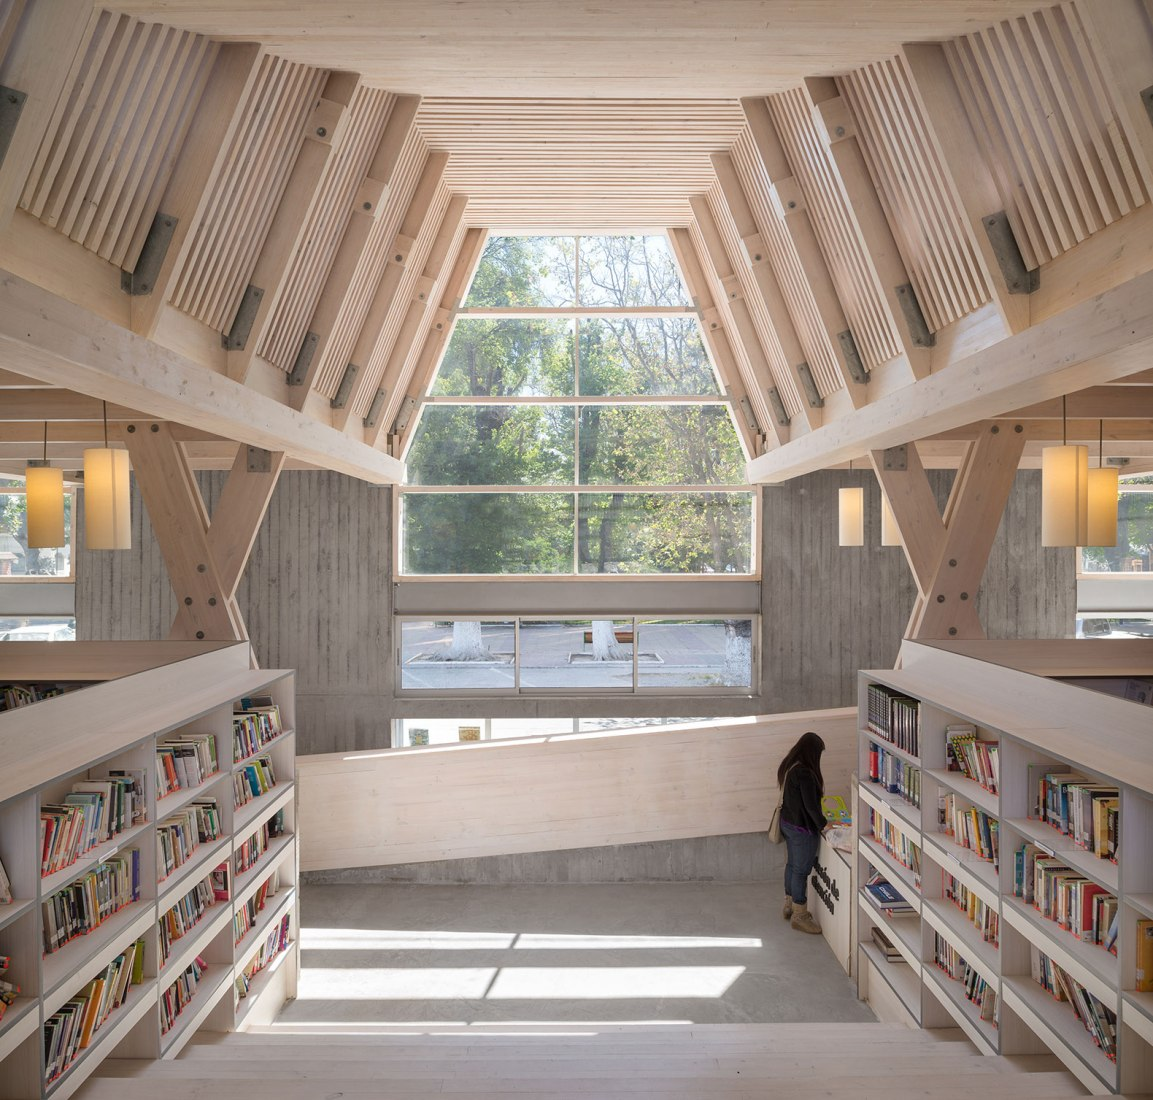 Biblioteca municipal de Constitución por Sebastián Irarrázaval. Fotografía por Felipe Díaz Contardo.